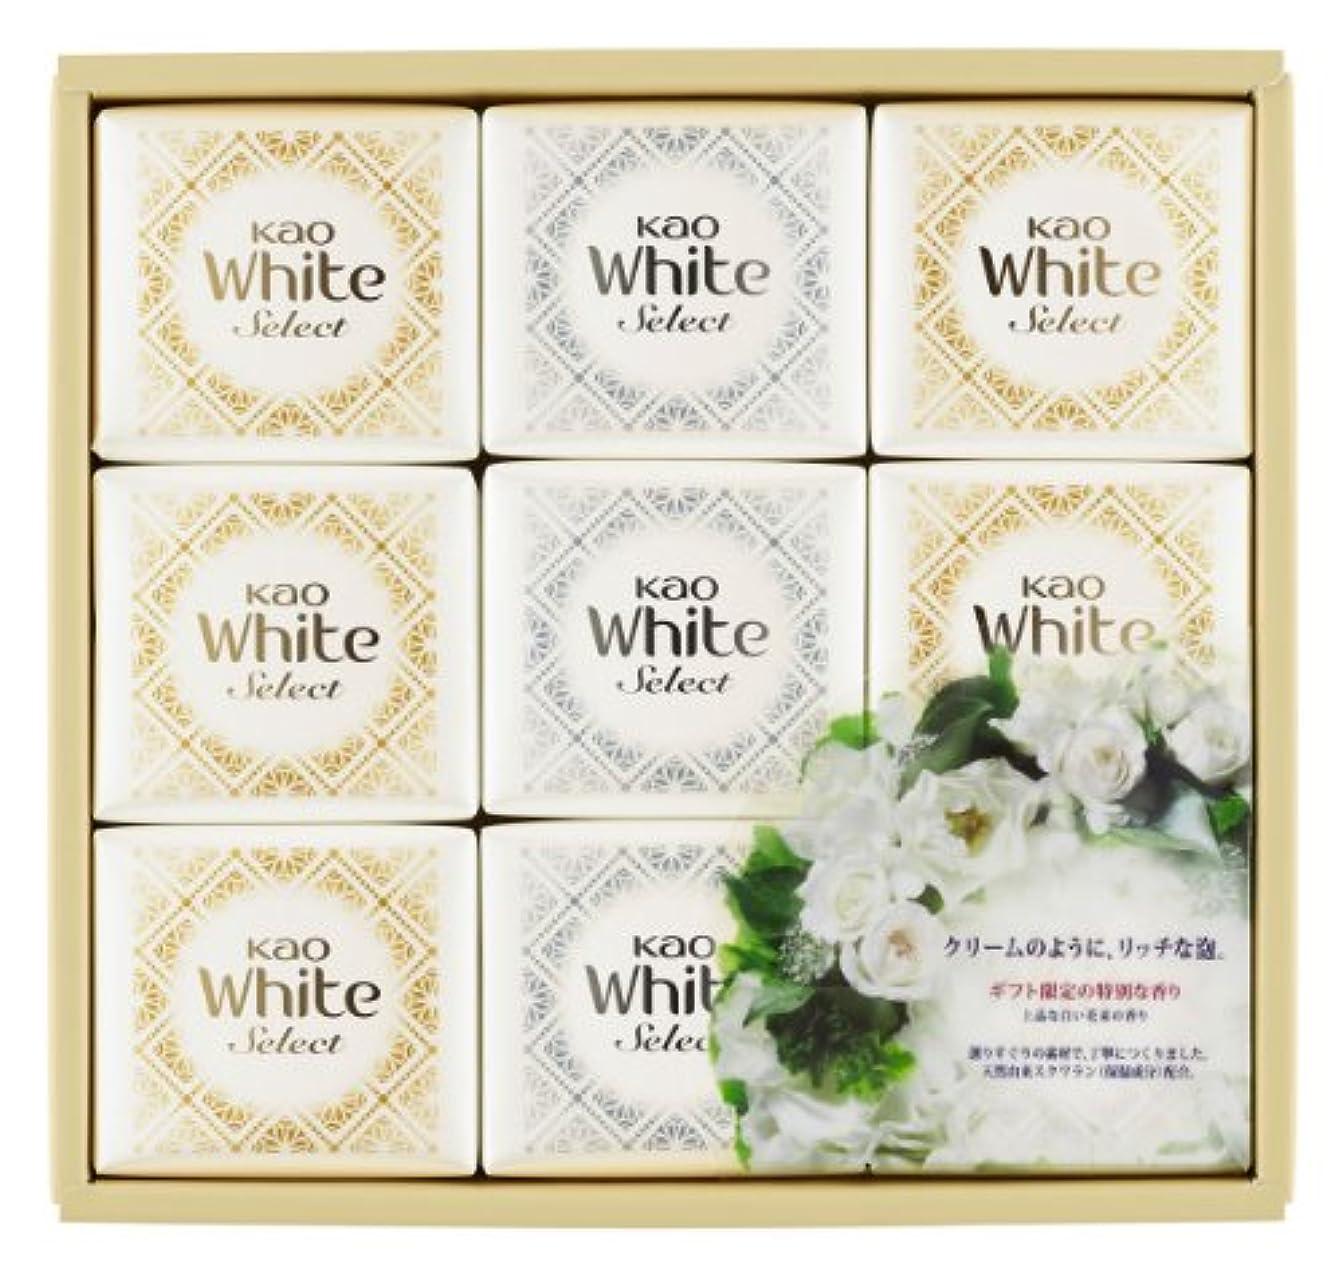 ワゴン誇張精神的に花王ホワイト セレクト 上品な白い花束の香り 85g 9コ K?WS-15